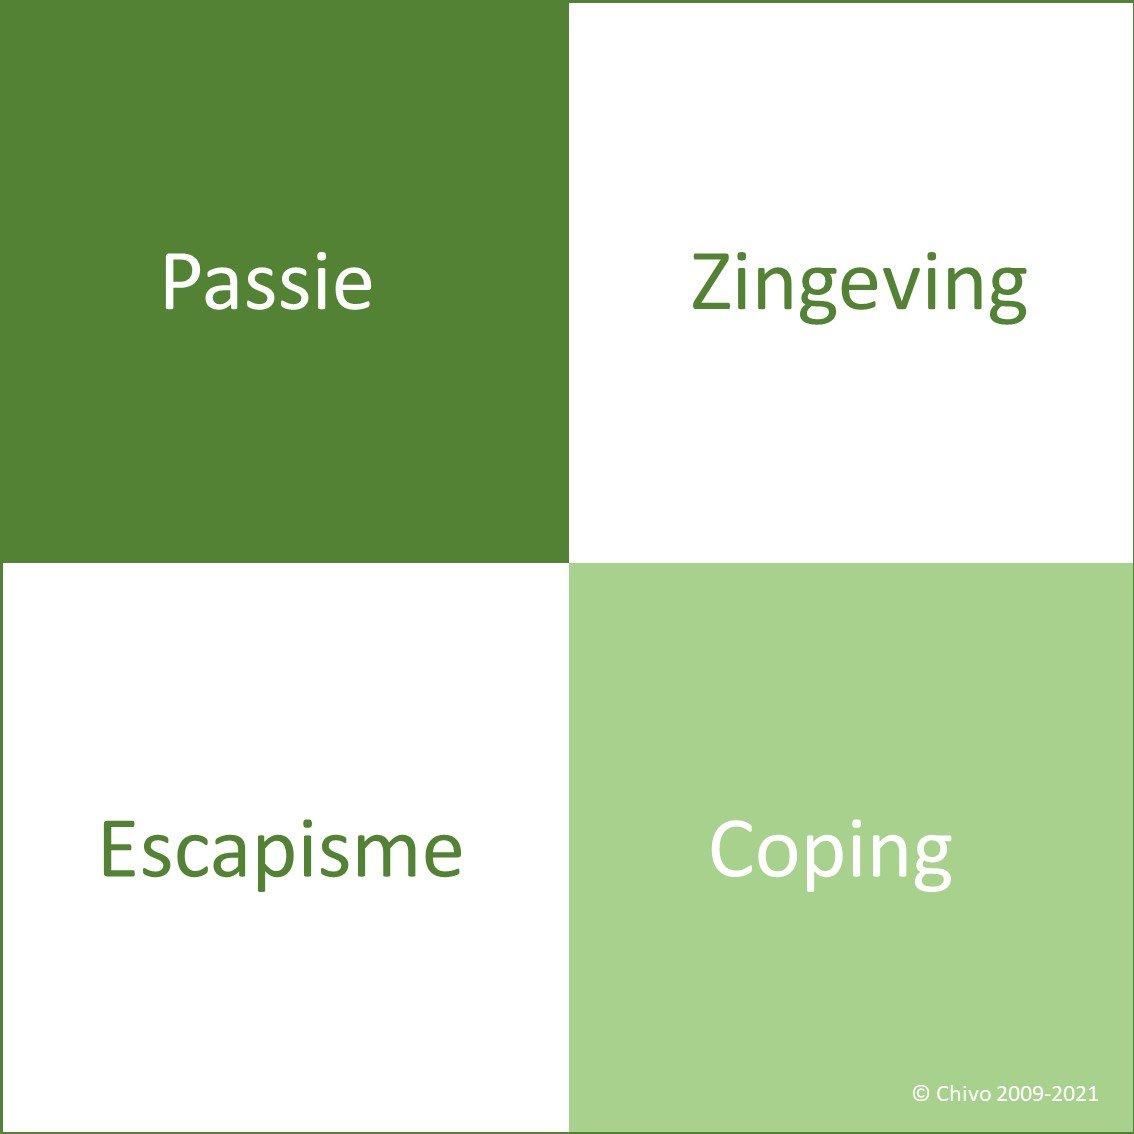 Chivo vitaliteitskwadranten groen vitaliteitsfundament